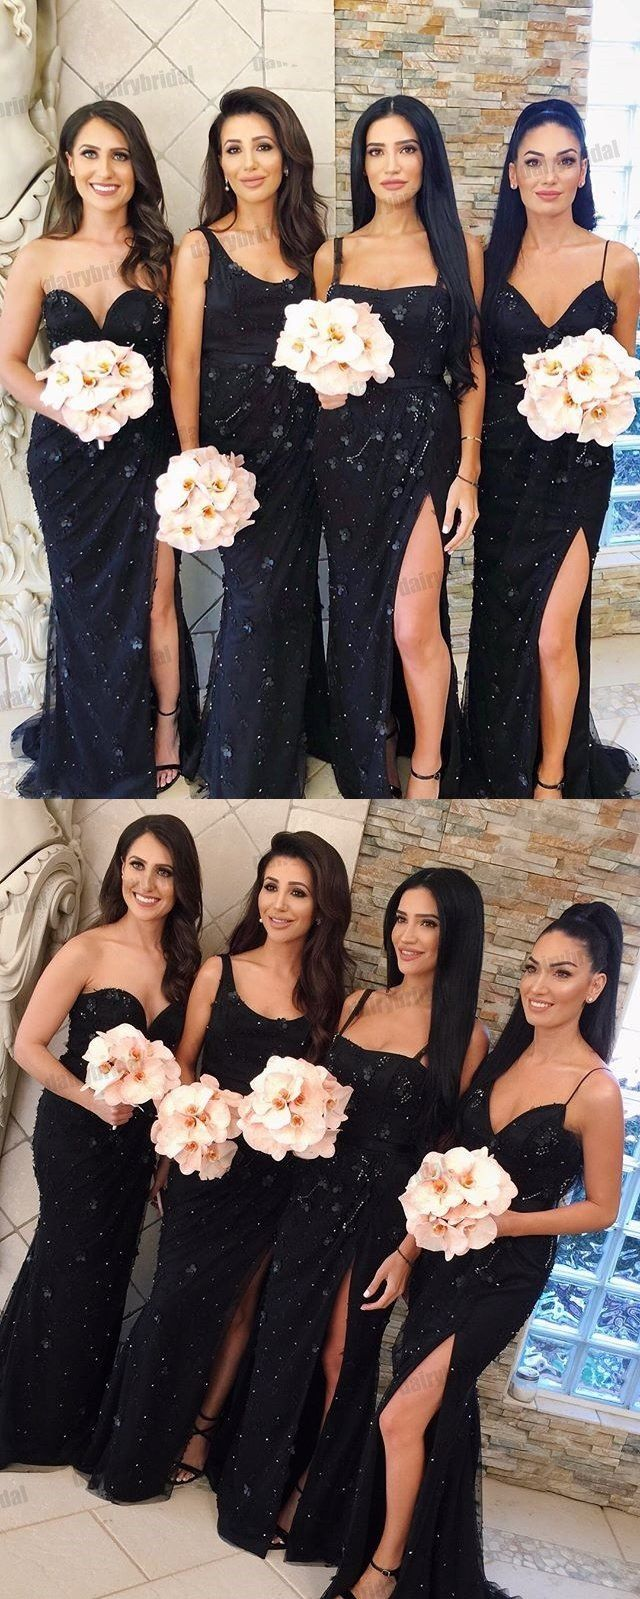 245d87ad153 Mismatched Black Mermaid Sexy Slit Beaded Floor-Length Bridesmaid Dresses